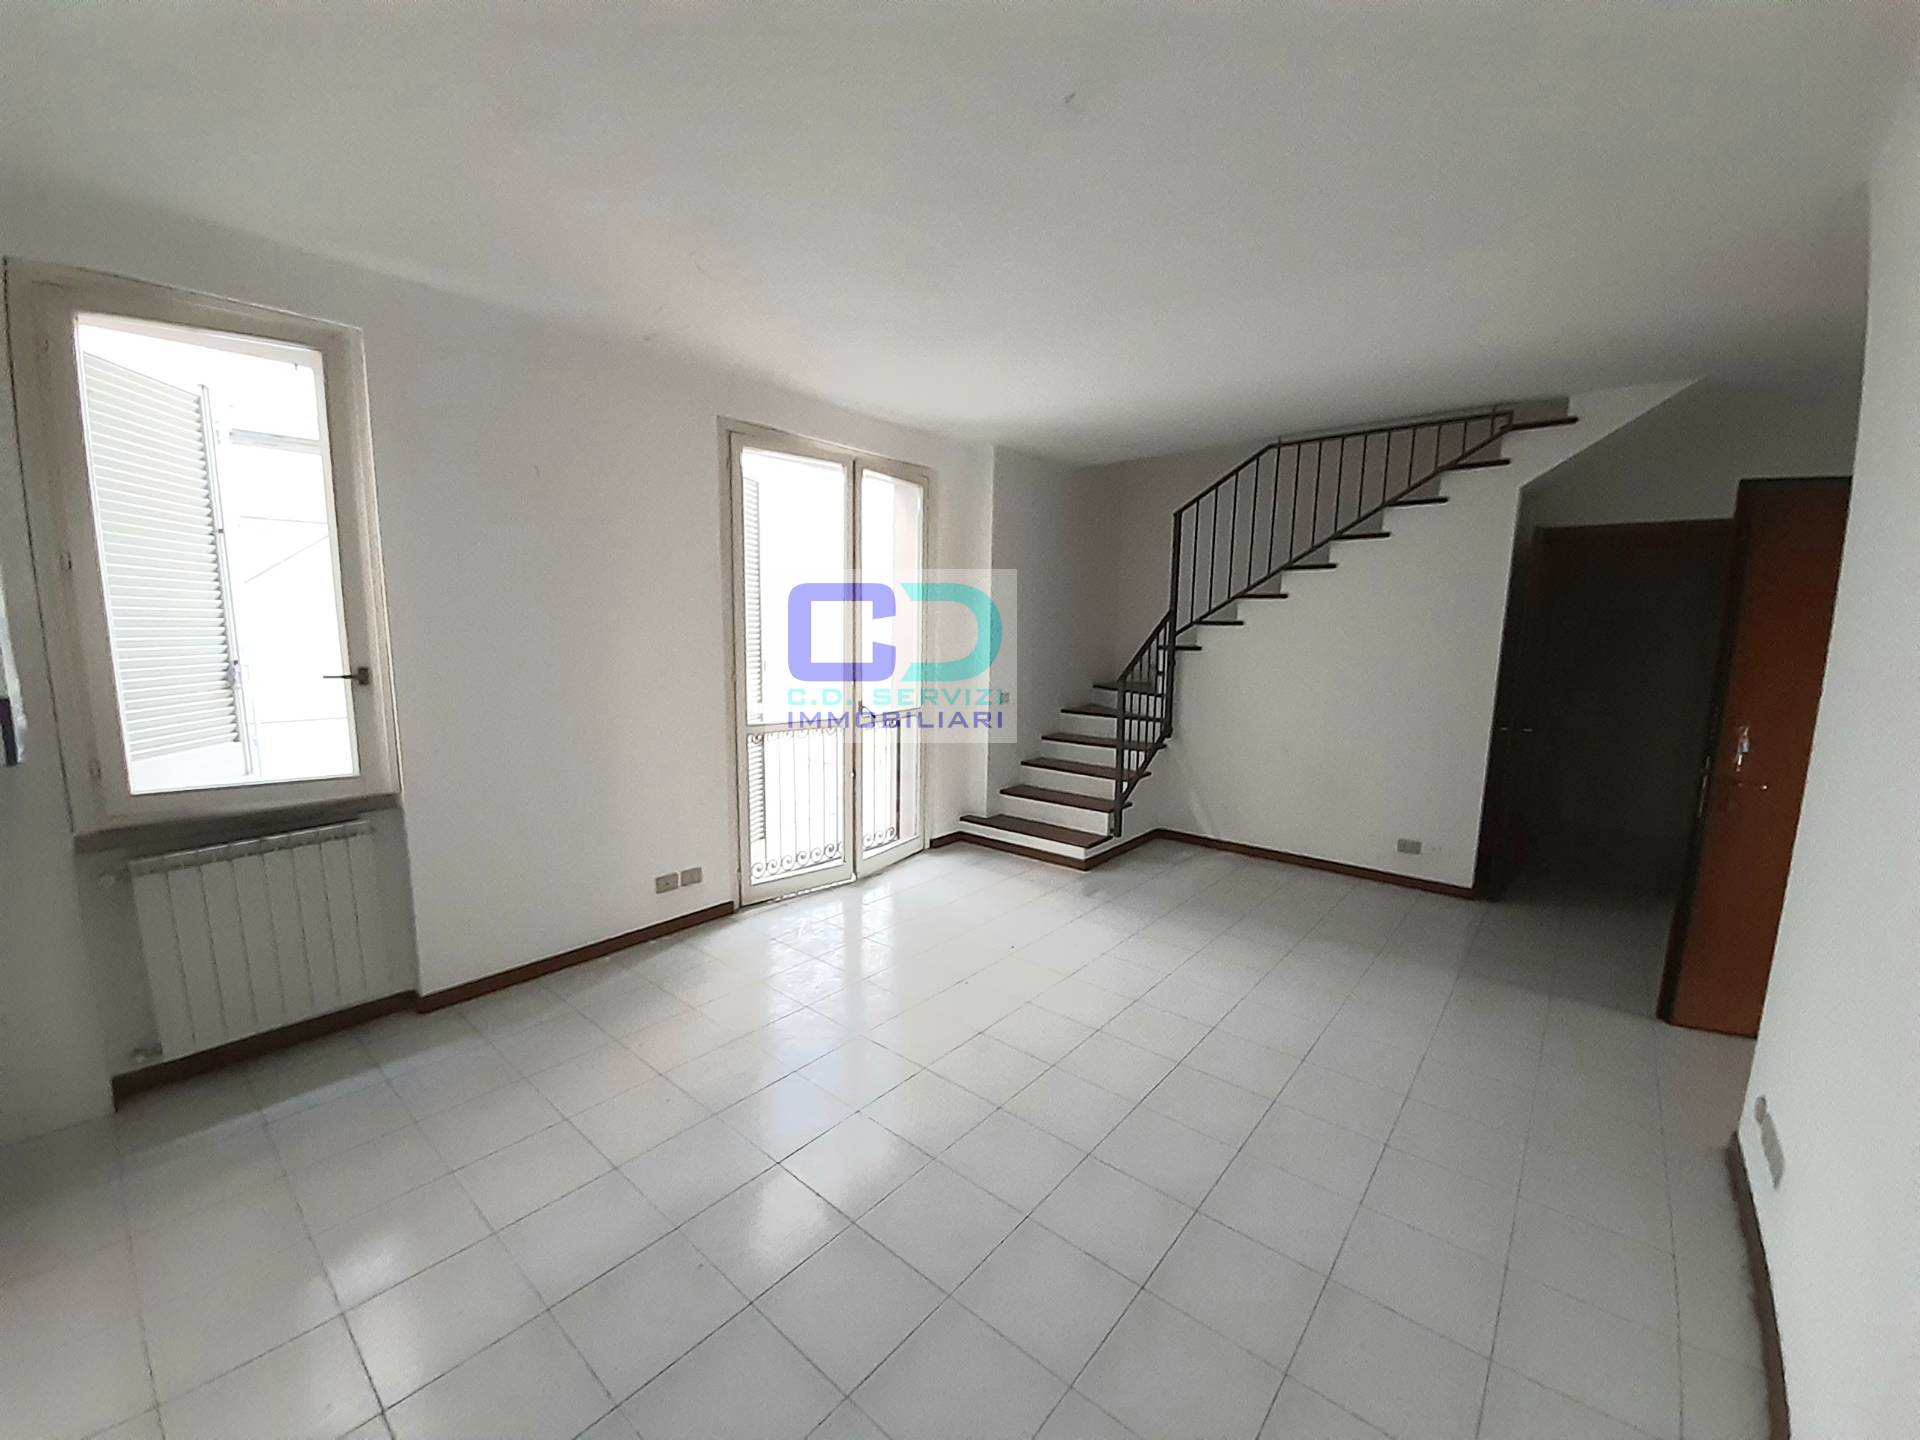 Appartamento in vendita a Cassano d'Adda, 3 locali, prezzo € 109.000 | PortaleAgenzieImmobiliari.it